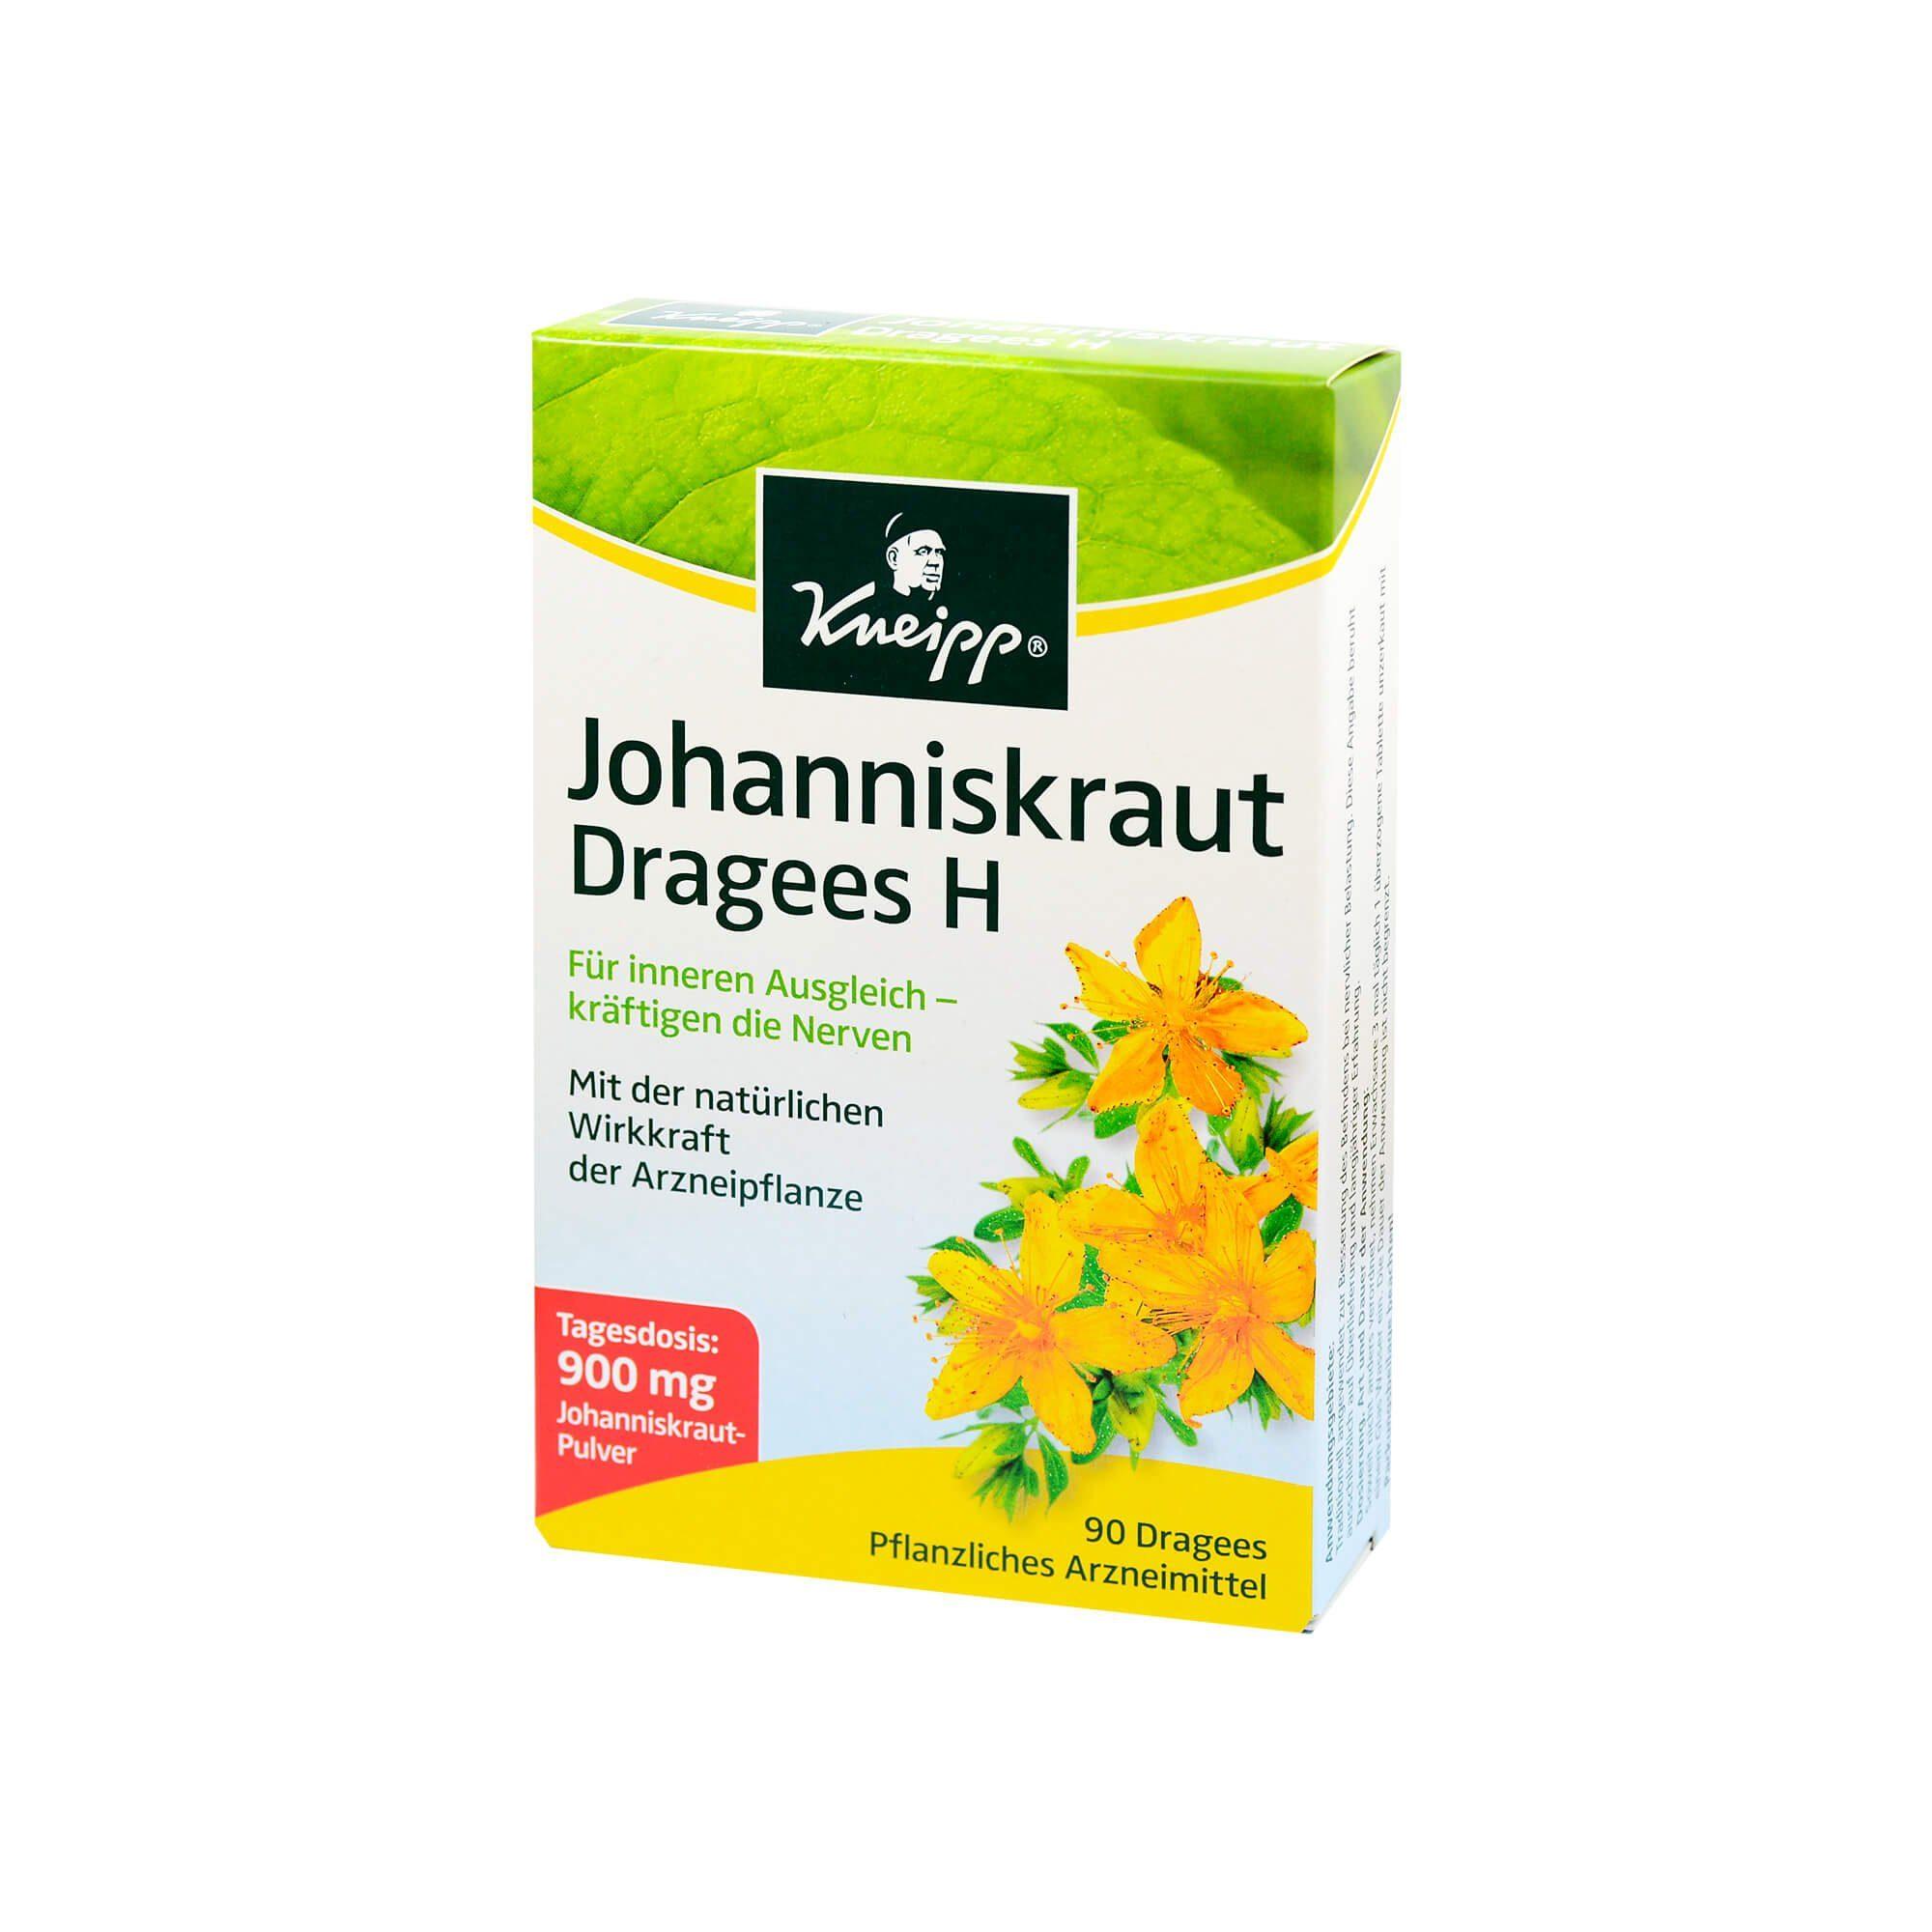 Kneipp Johanniskraut Dragees, 90 St